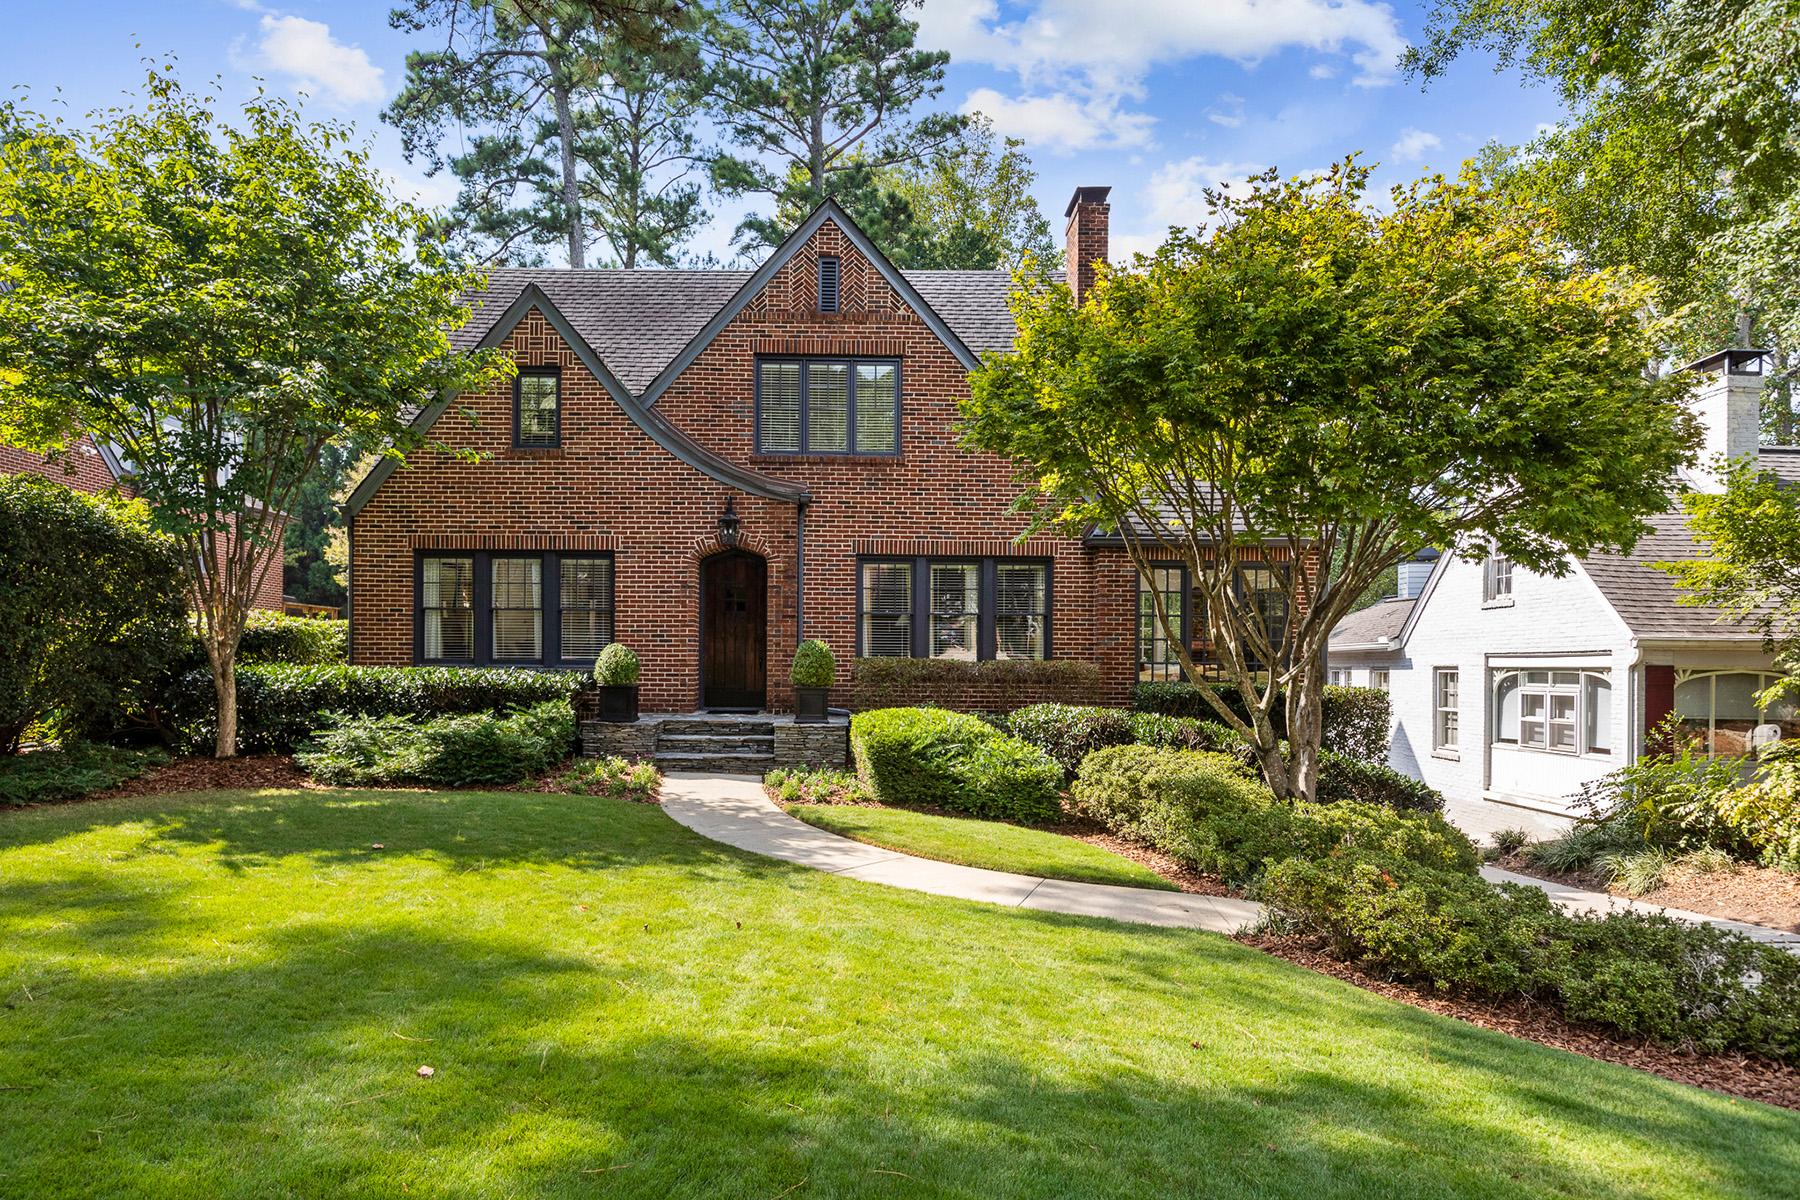 Single Family Homes для того Продажа на Classic Morningside Tudor 1664 Homestead Avenue, Atlanta, Джорджия 30306 Соединенные Штаты